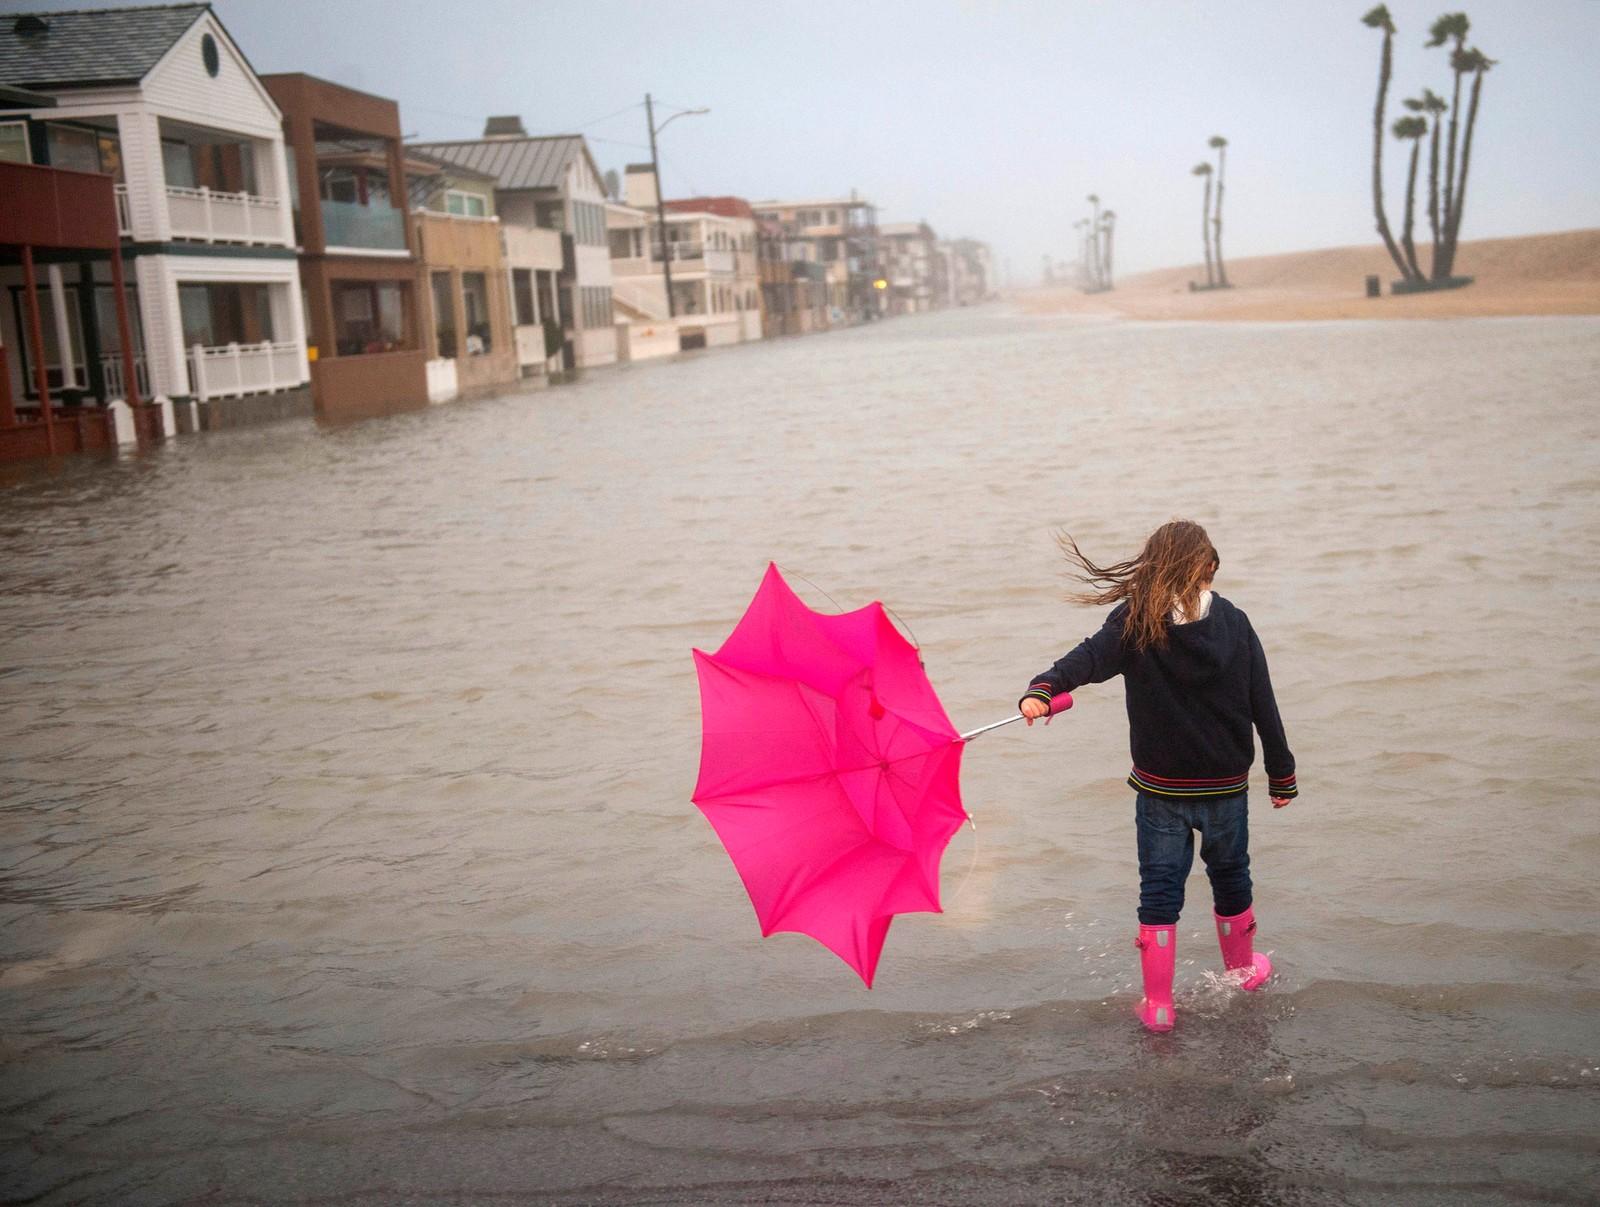 Seks år gamle Isabella Busse er ute i stormen i Seal Beach i California i USA.